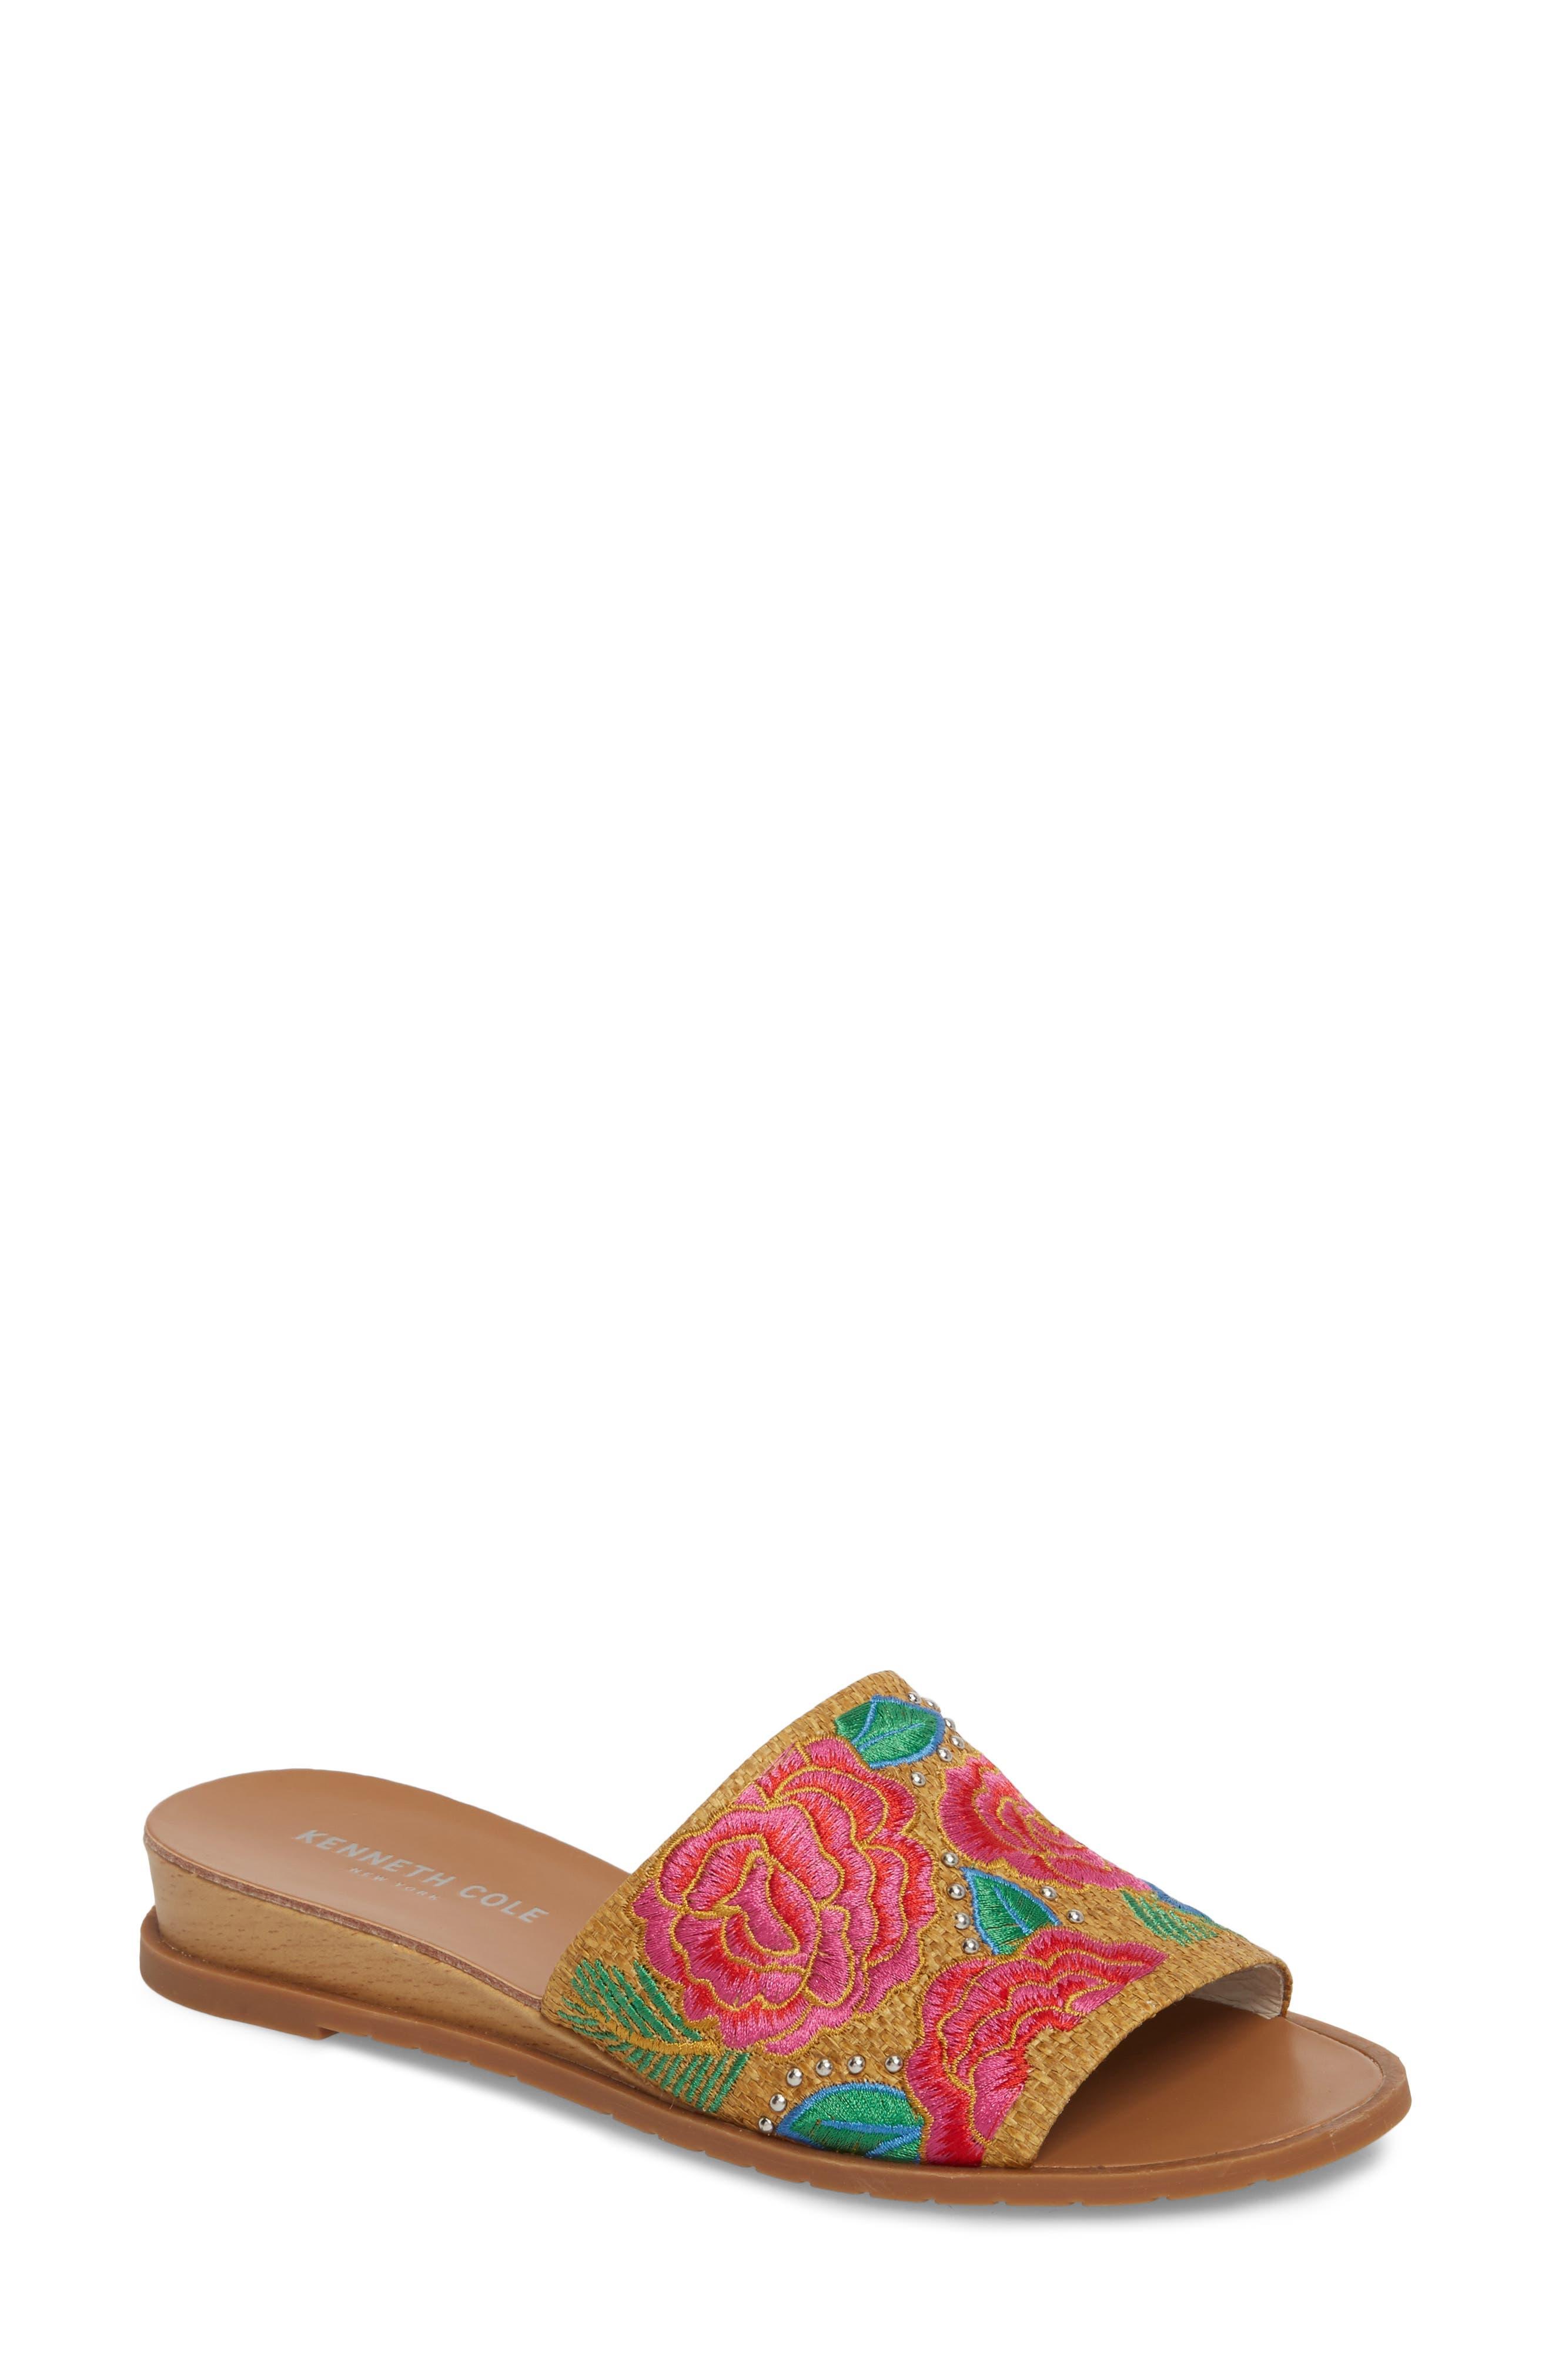 Joanne Flower Embroidered Slide Sandal,                             Main thumbnail 1, color,